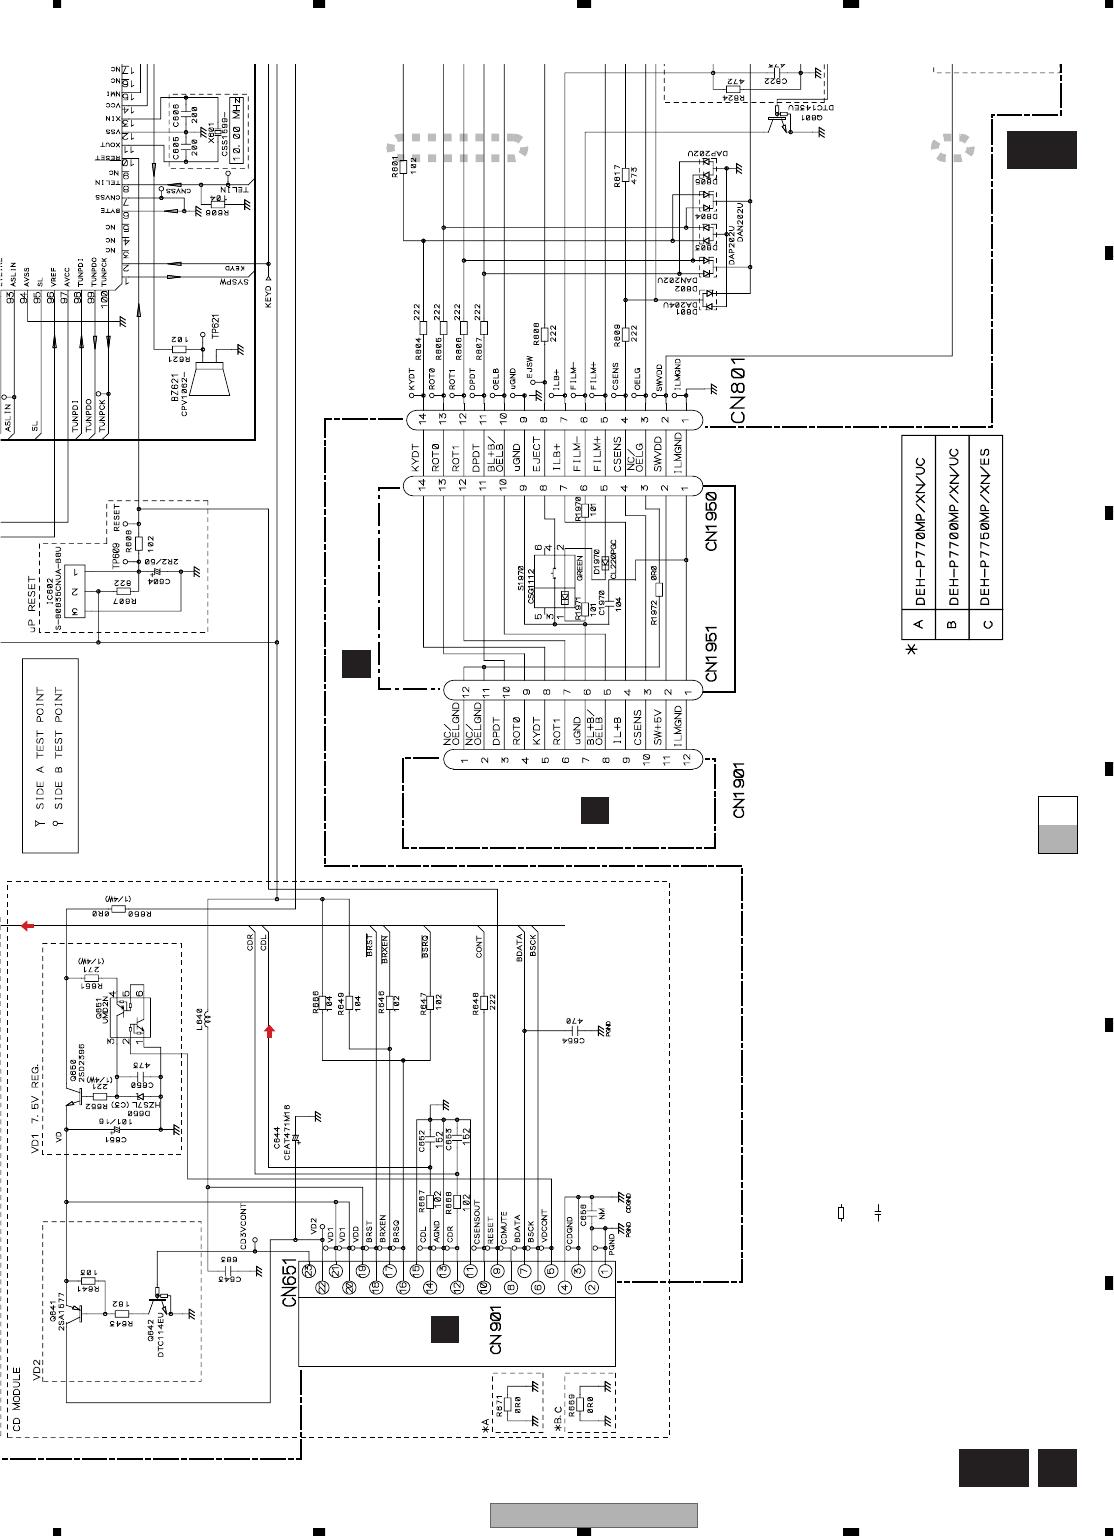 Wiring Diagram Pioneer Deh 34 / Pioneer Deh Wiring Diagram